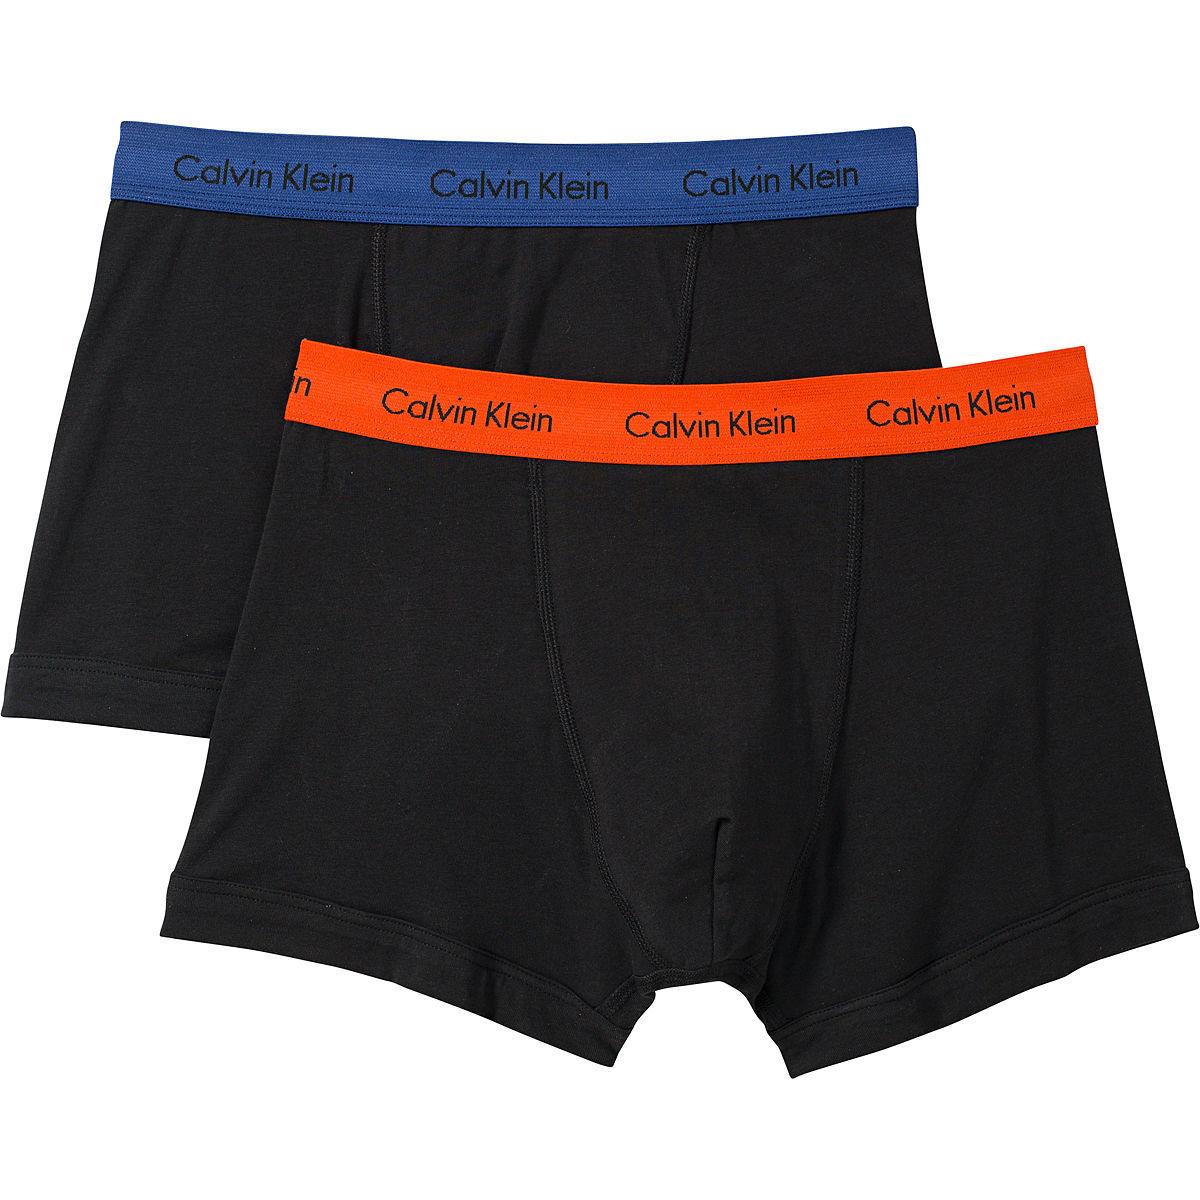 Calvin Klein Boxershorts 2er Pack